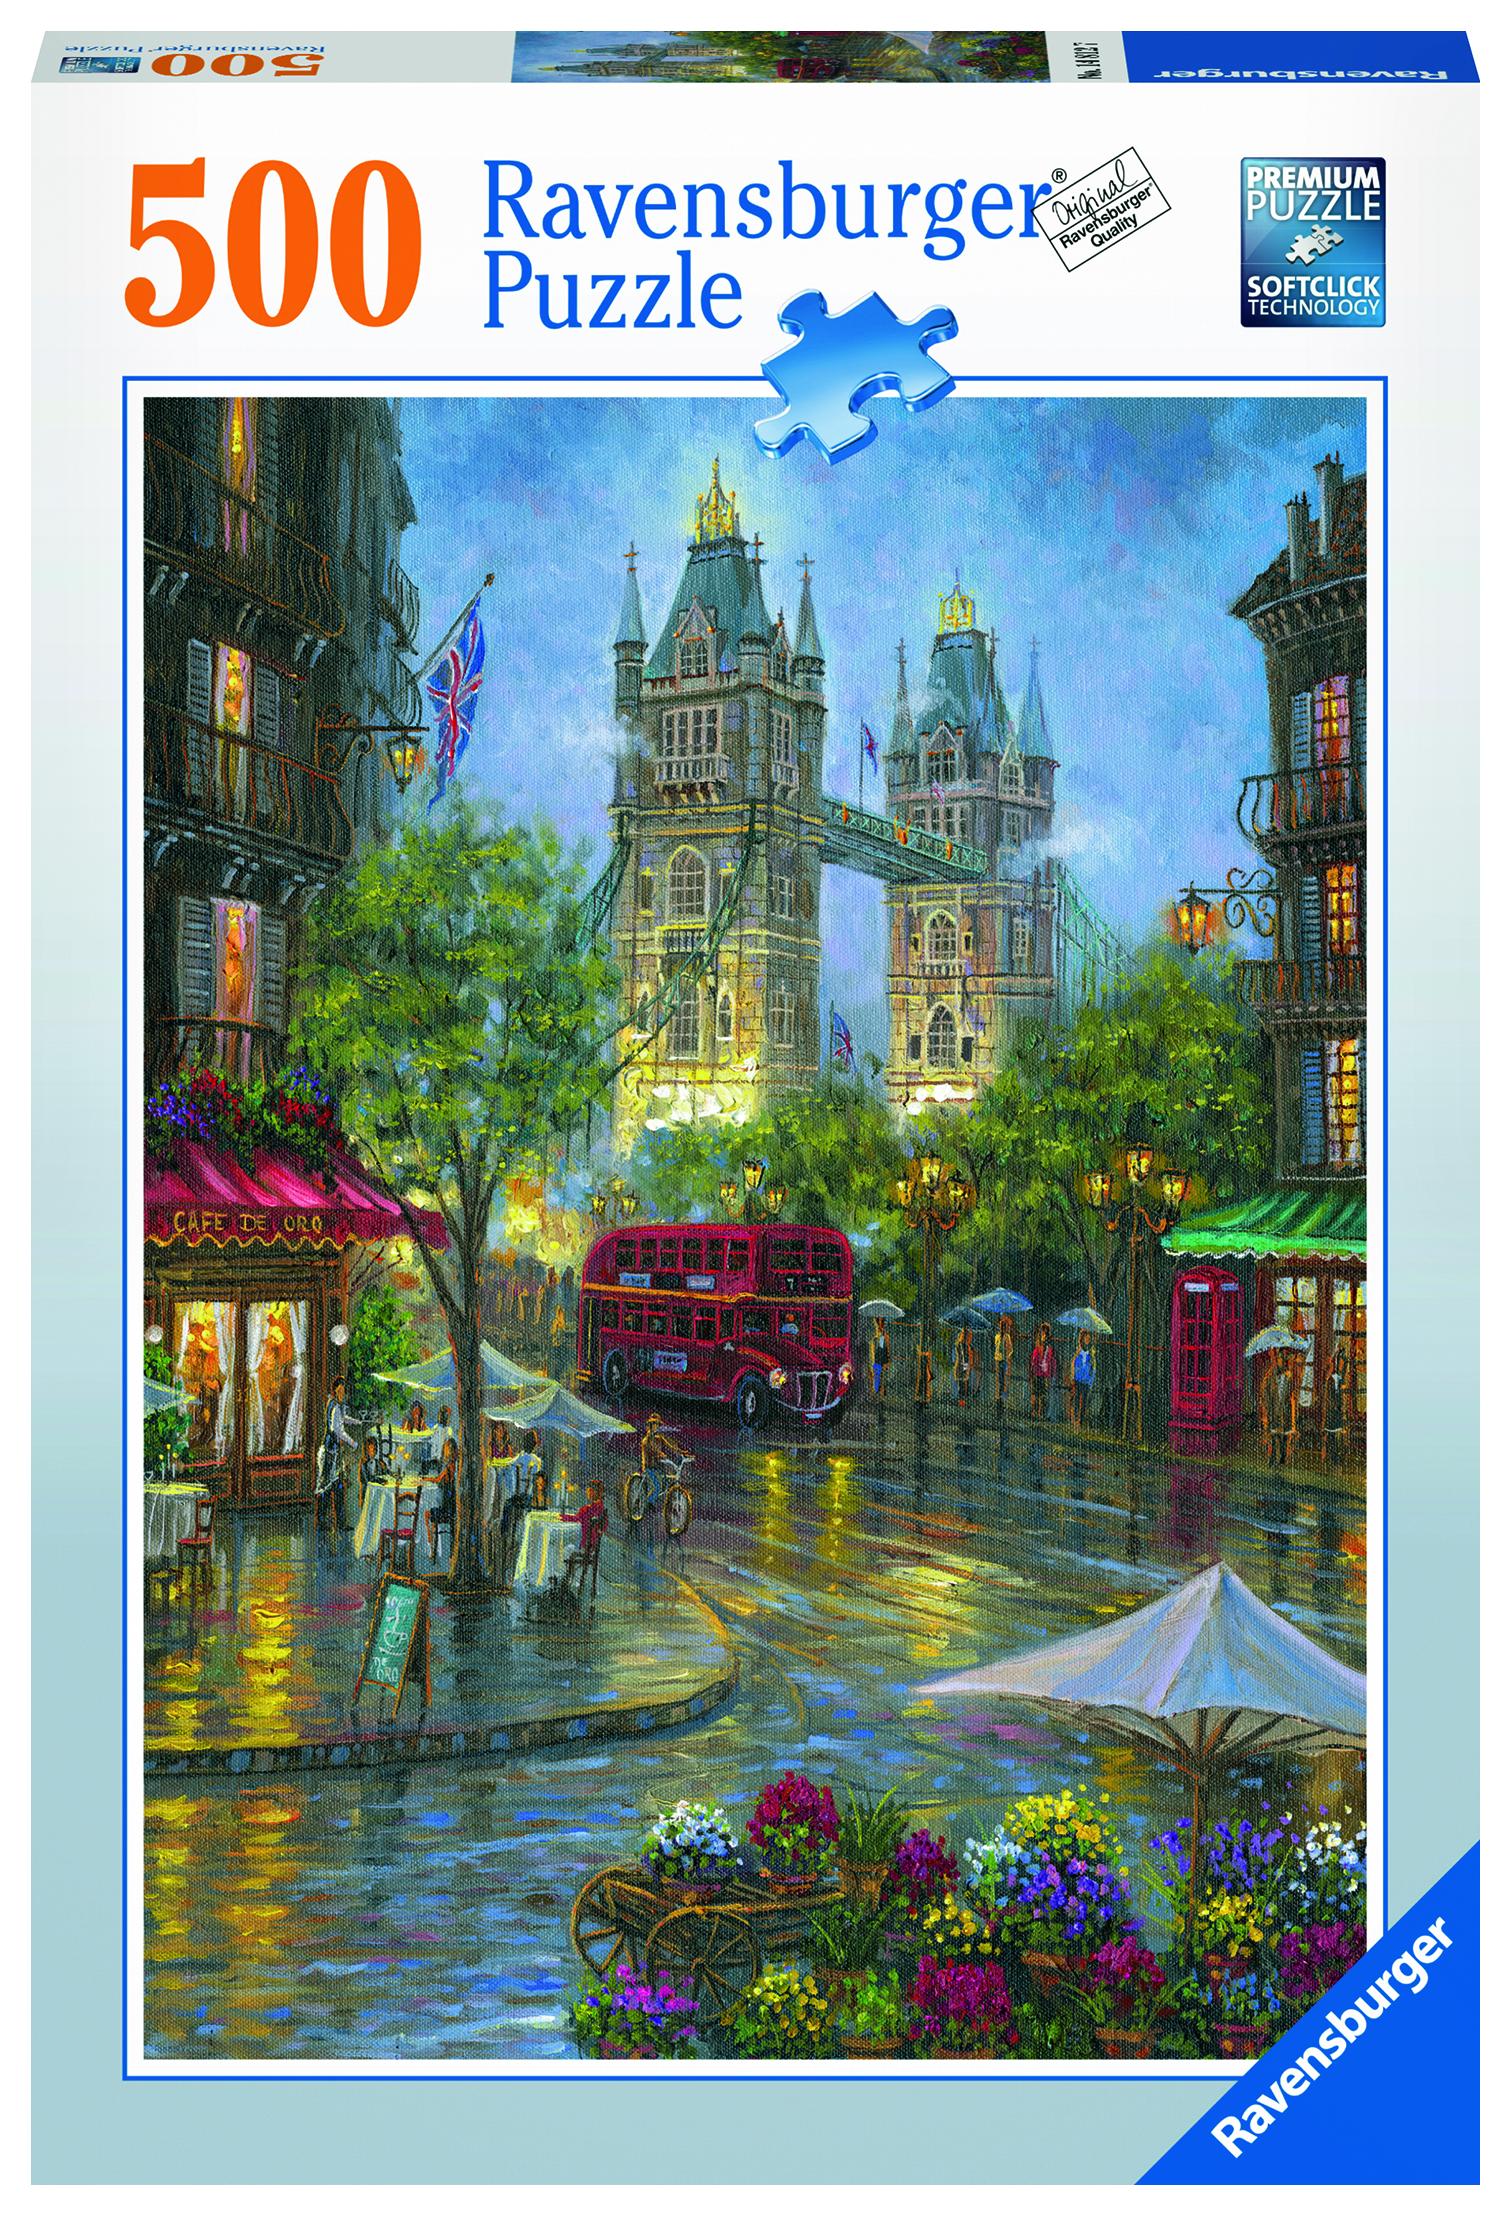 Пазл Ravensburger Живописный Лондон 500 шт арт.14812 ravensburger пазл бухта дельфинов 500 шт